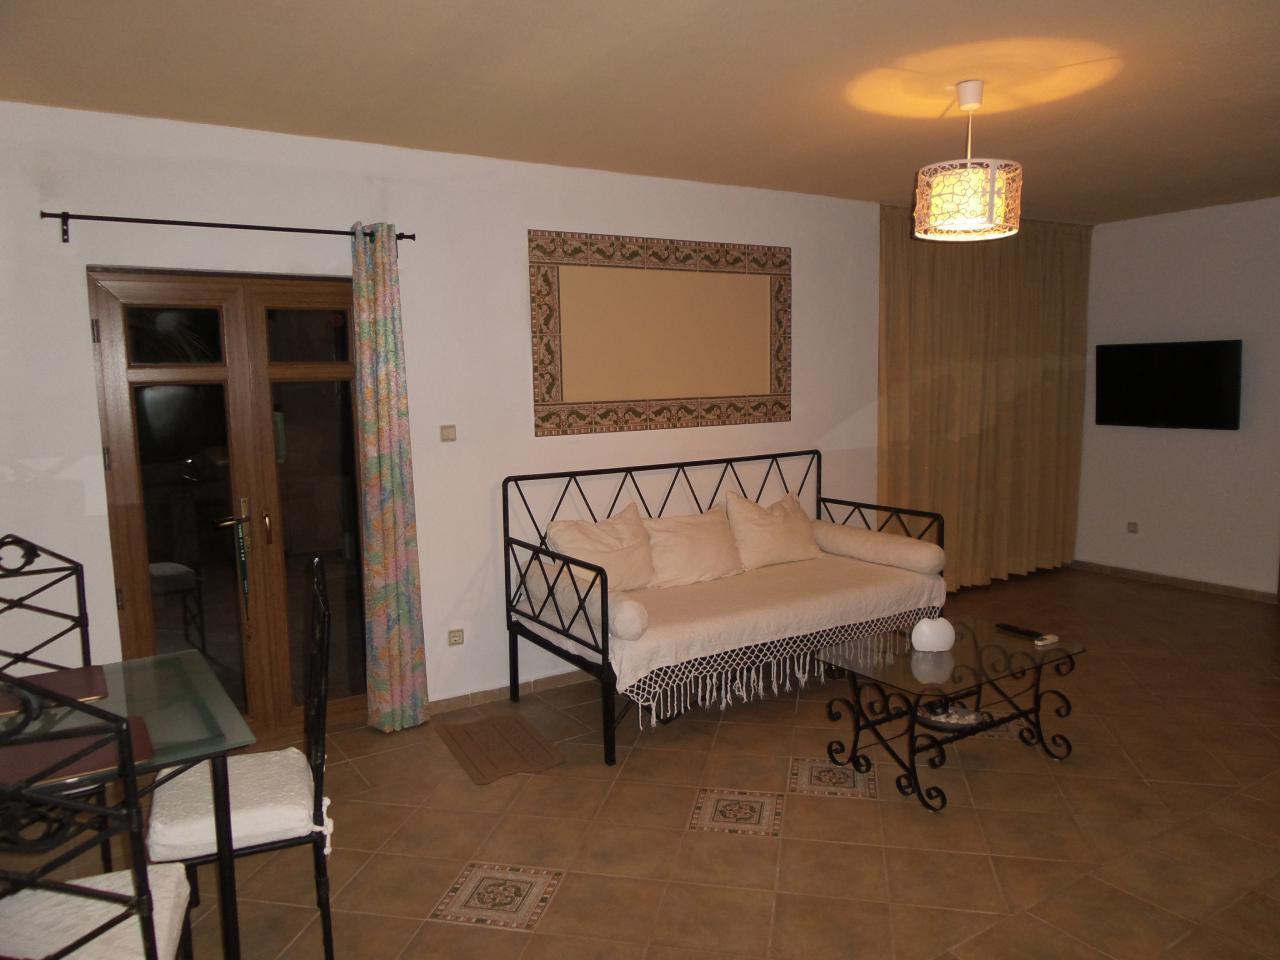 Ferienhaus in einer Villa mit Pool in Alanya/Demirtas 2 (140123), Demirtas, , Mittelmeerregion, Türkei, Bild 9